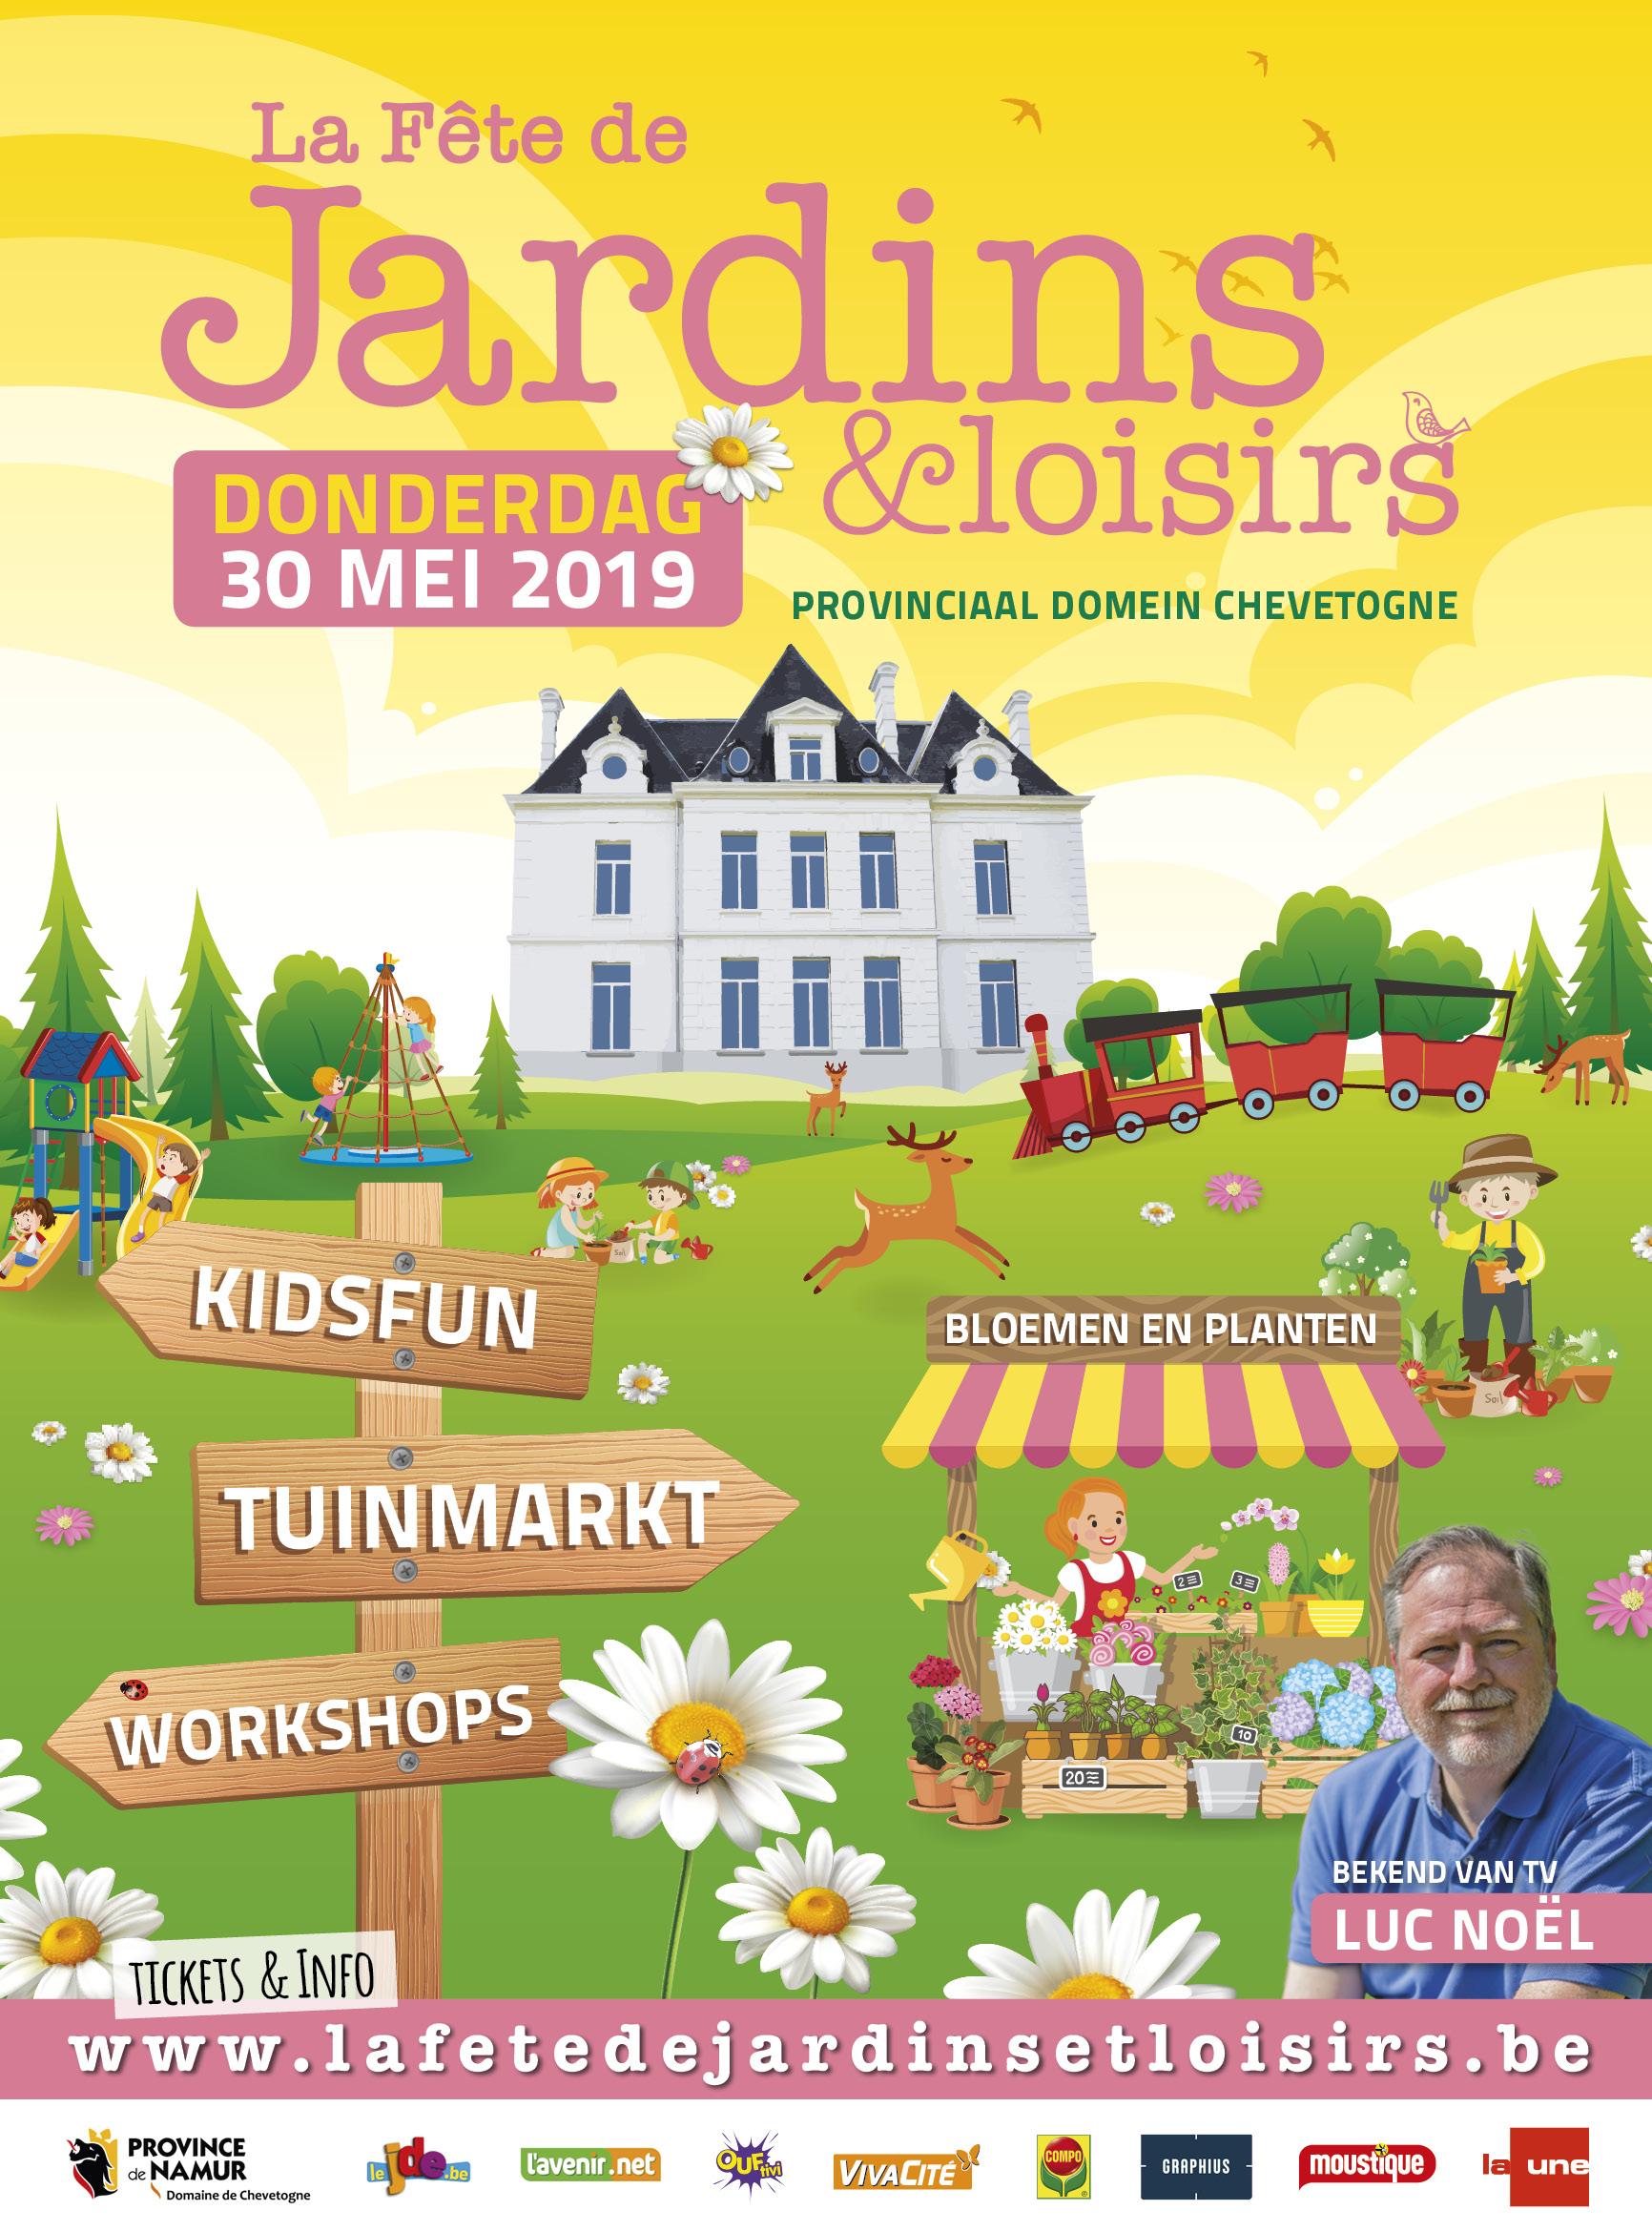 REKA2810954-La fête de Jardin et Loisirs-220x297 NL - La Fête de Jardins & Loisirs 2020